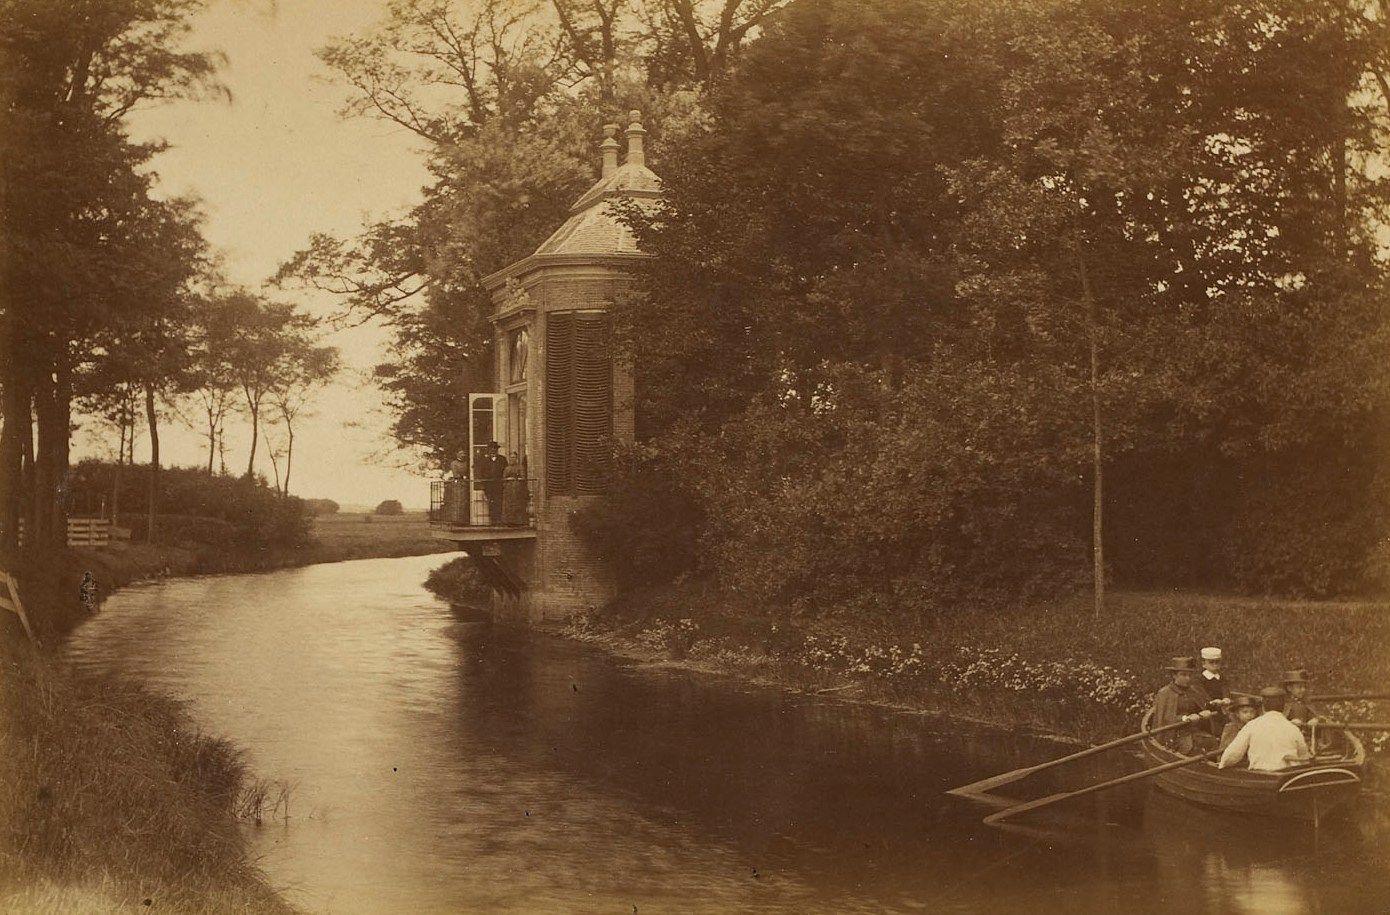 Domburgse watergang met de theekoepel van buitenplaats De Griffioen. De familie Tak van Poortvliet maakt een boottochtje. (Zeeuws Archief)